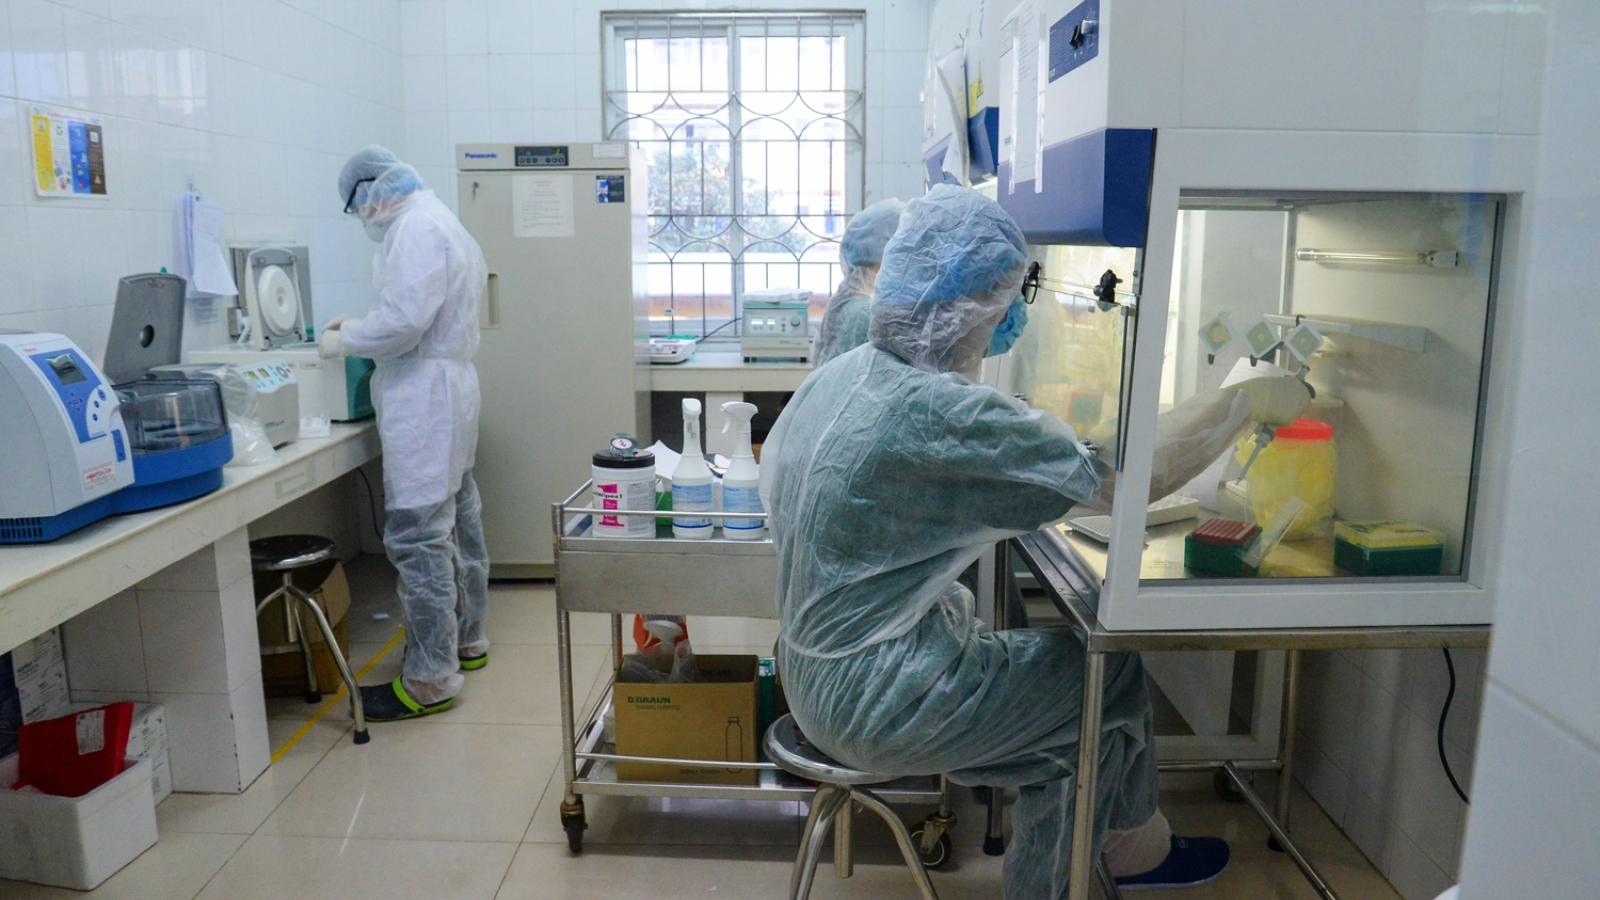 Quảng Ninh triển khai dịch vụ xét nghiệm SARS-CoV-2 theo yêu cầu cho người dân